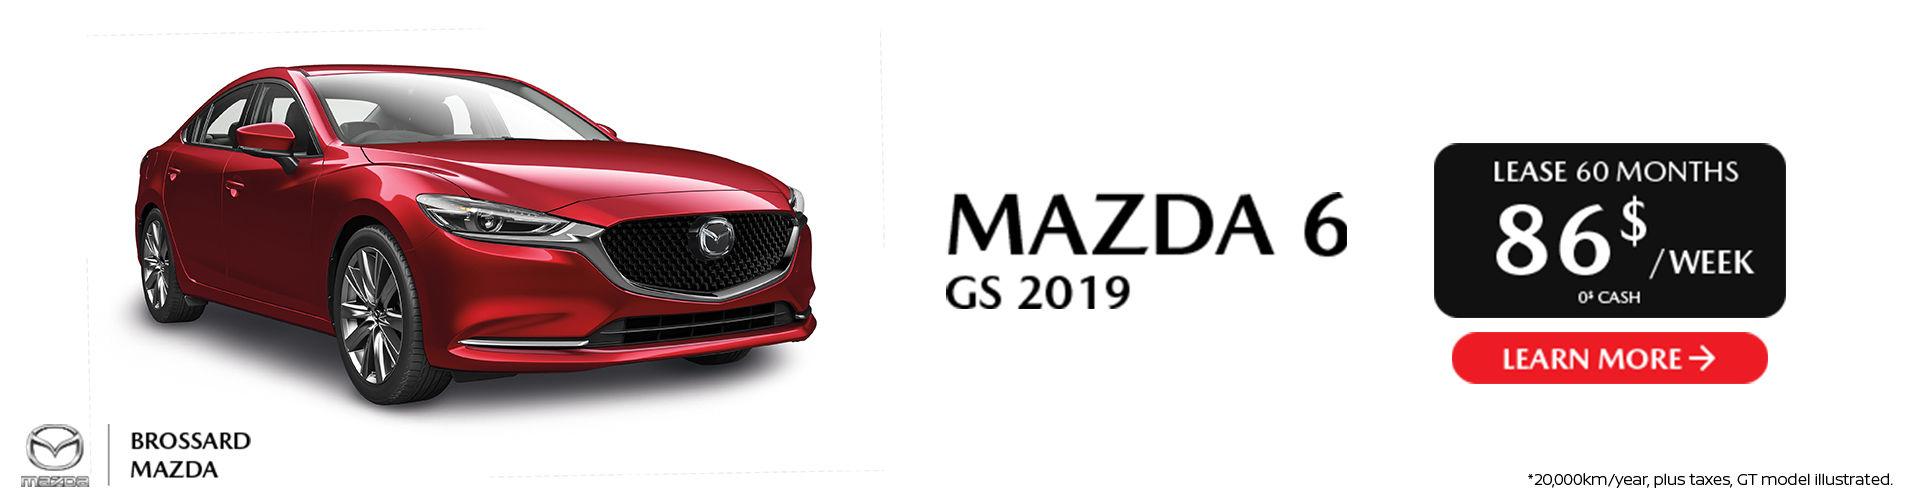 Mazda 6 GS 2019